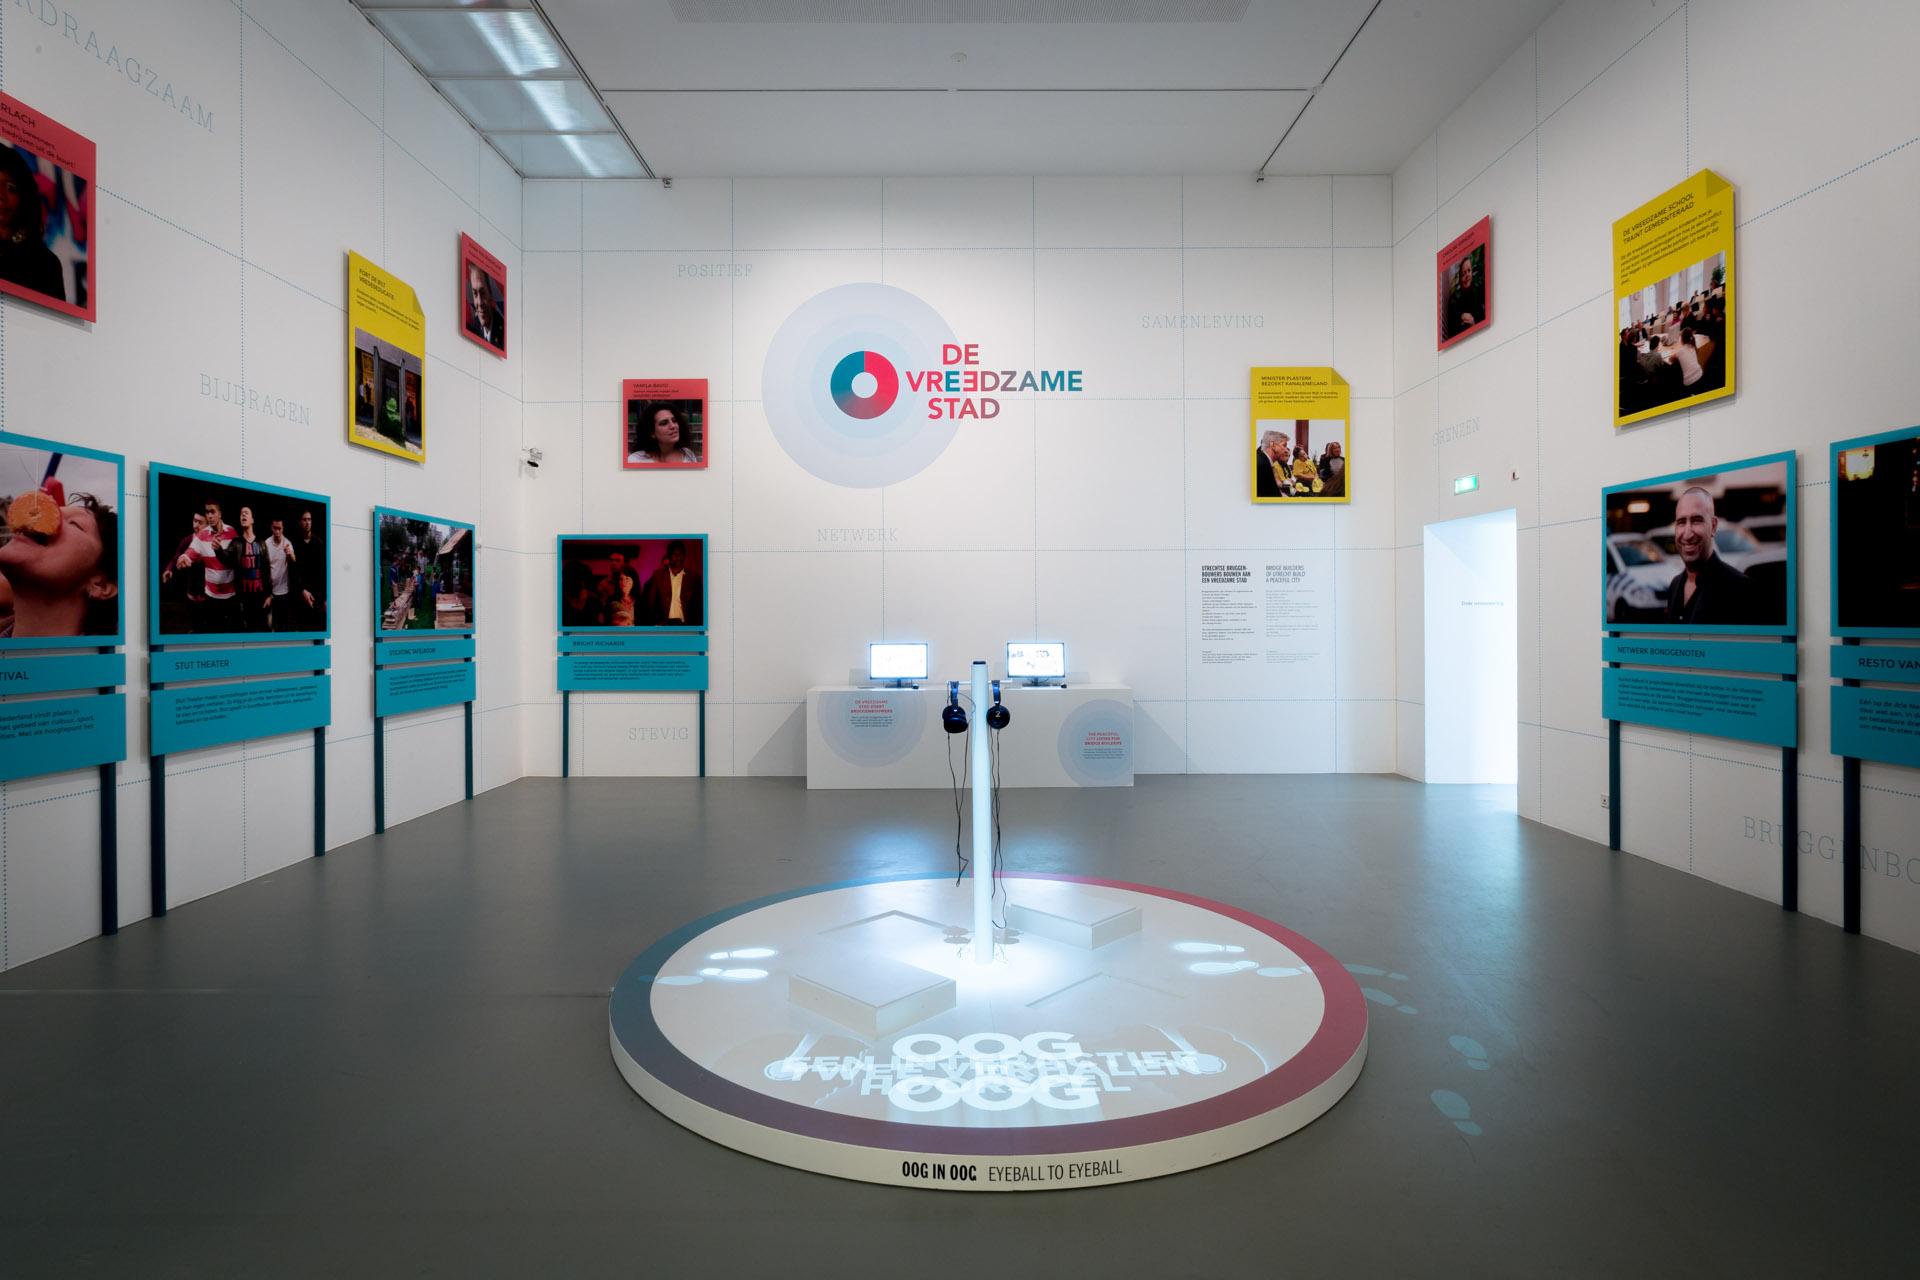 centraal museum in vredesnaam tentoonstelling nr 18 jpg